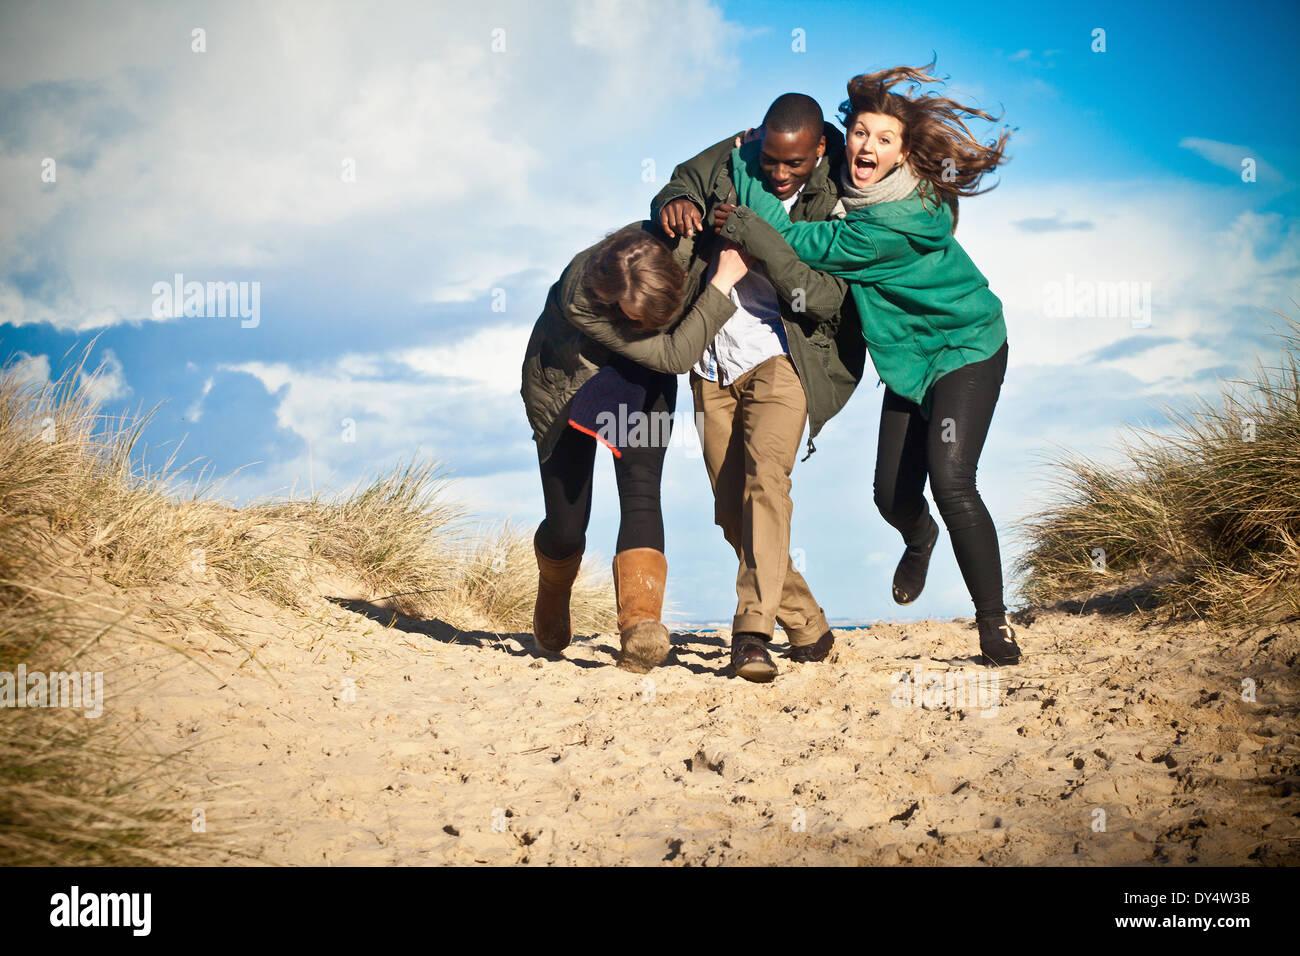 Junge Erwachsene Freunde laufen in Sanddünen, Bournemouth, Dorset, Großbritannien Stockbild